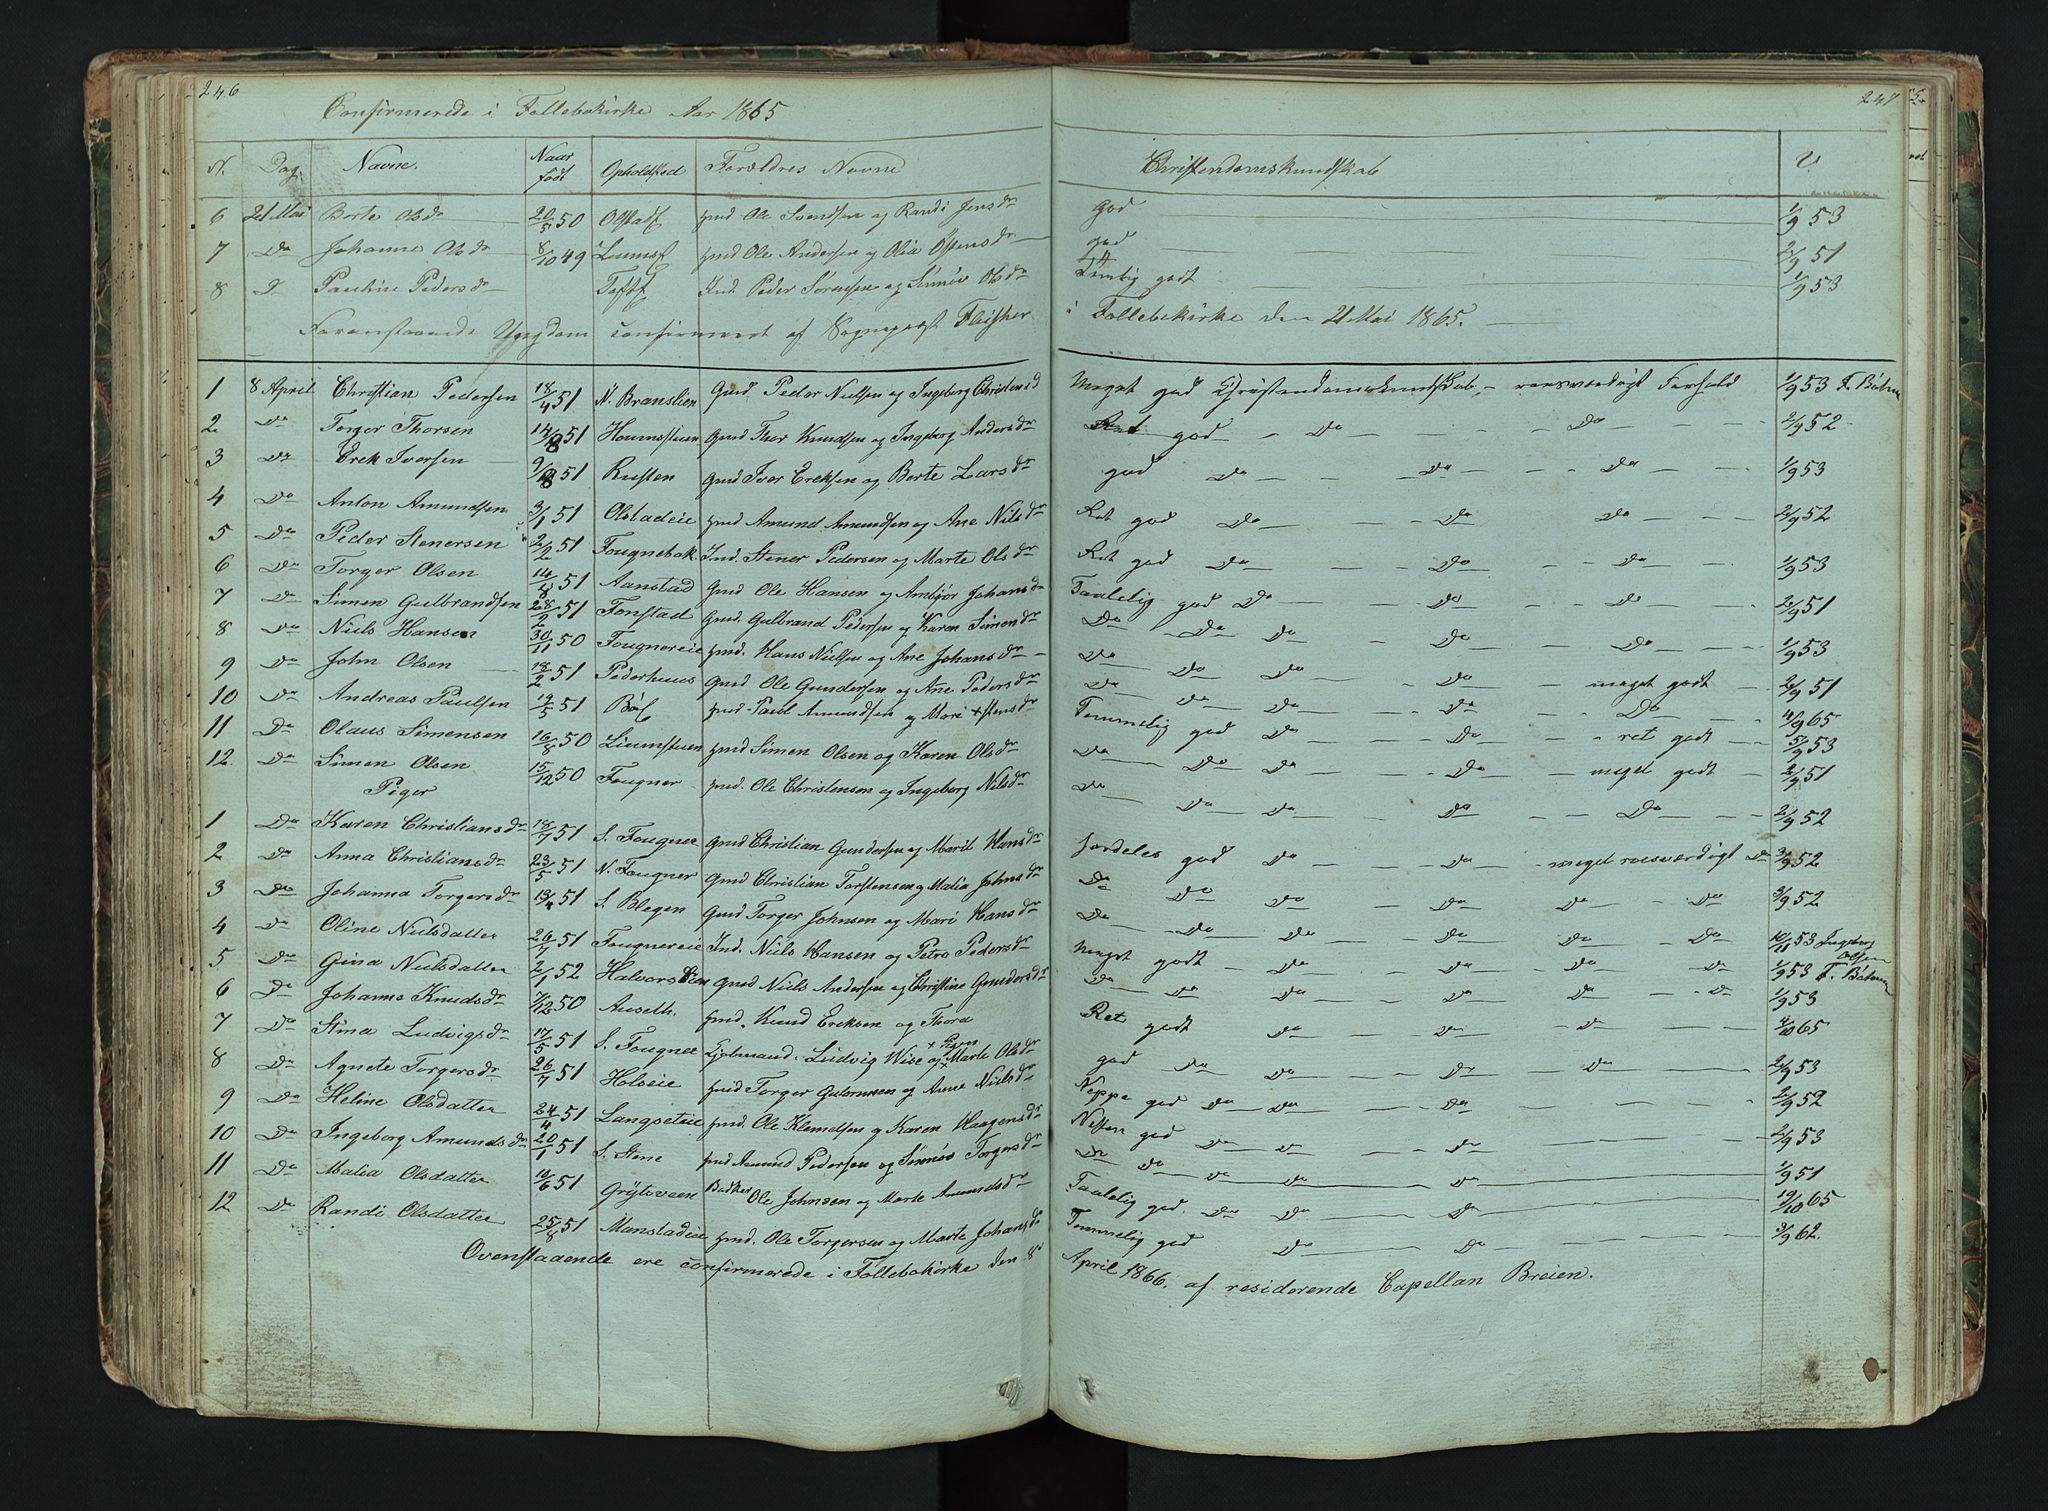 SAH, Gausdal prestekontor, Klokkerbok nr. 6, 1846-1893, s. 246-247